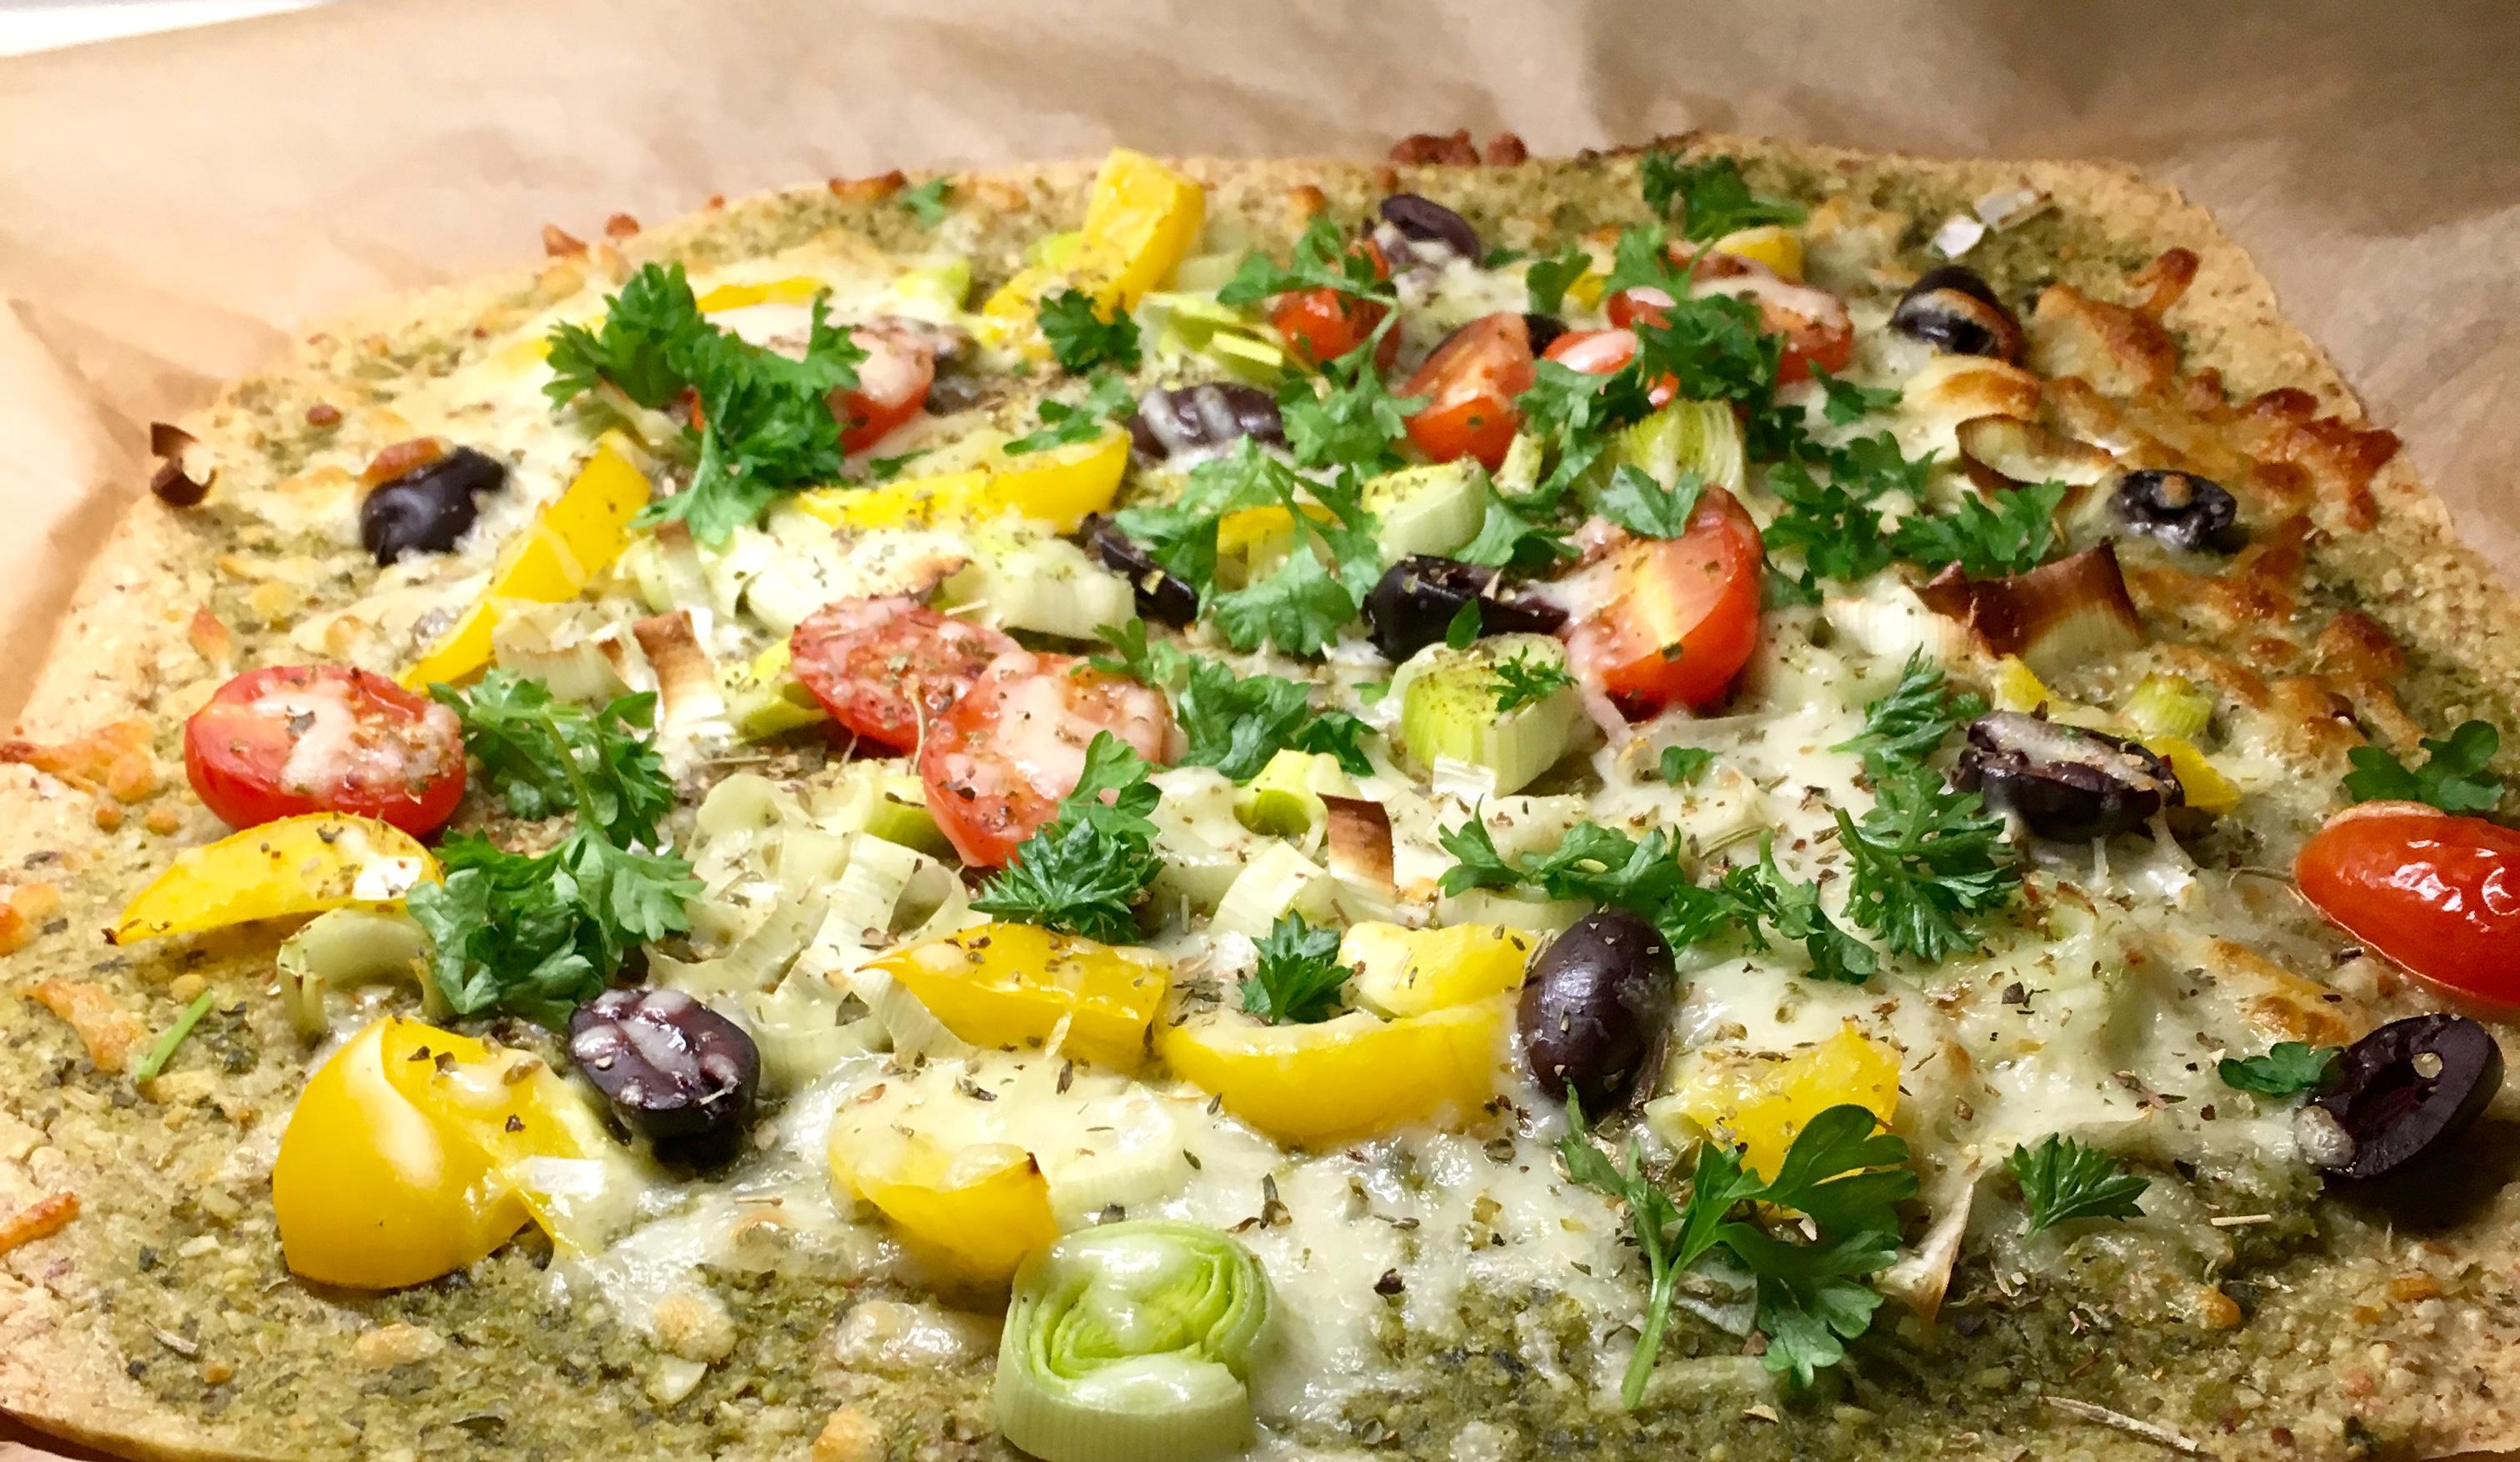 Vegetar glutenfri ostepizza med mandel og havre bunn